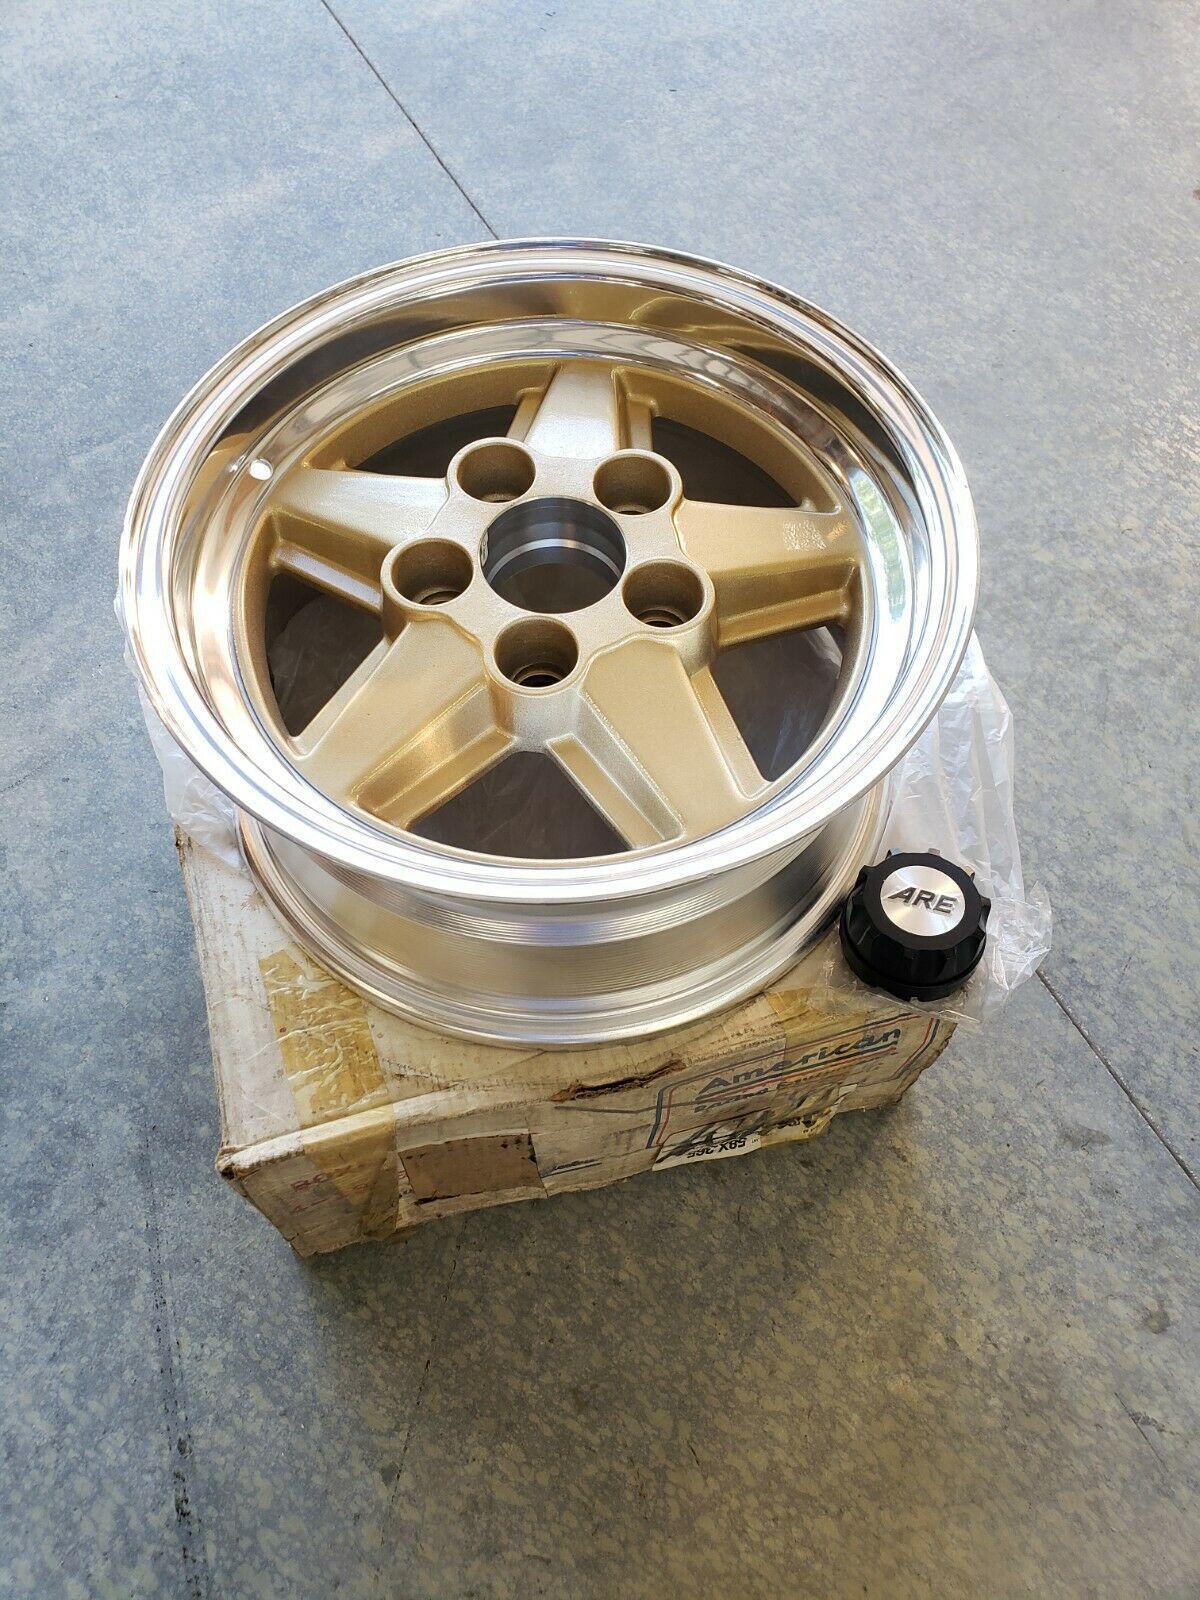 Ford Racing Wheels Racing Wheel Drag Racing Wheels American Racing Wheels